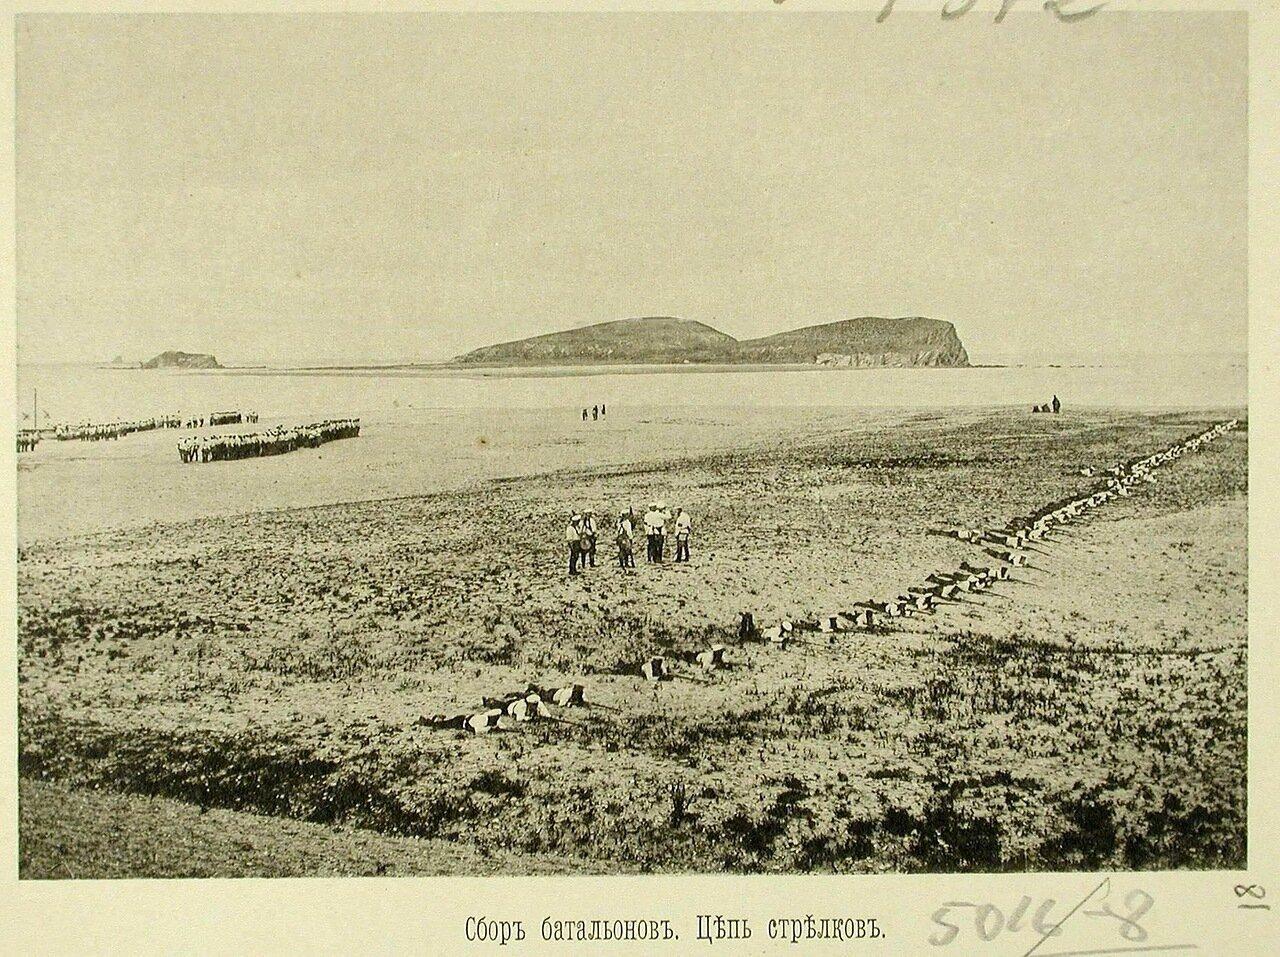 81. Сбор батальонов эскадренного десанта на берегу; на первом плане - цепь стрелков